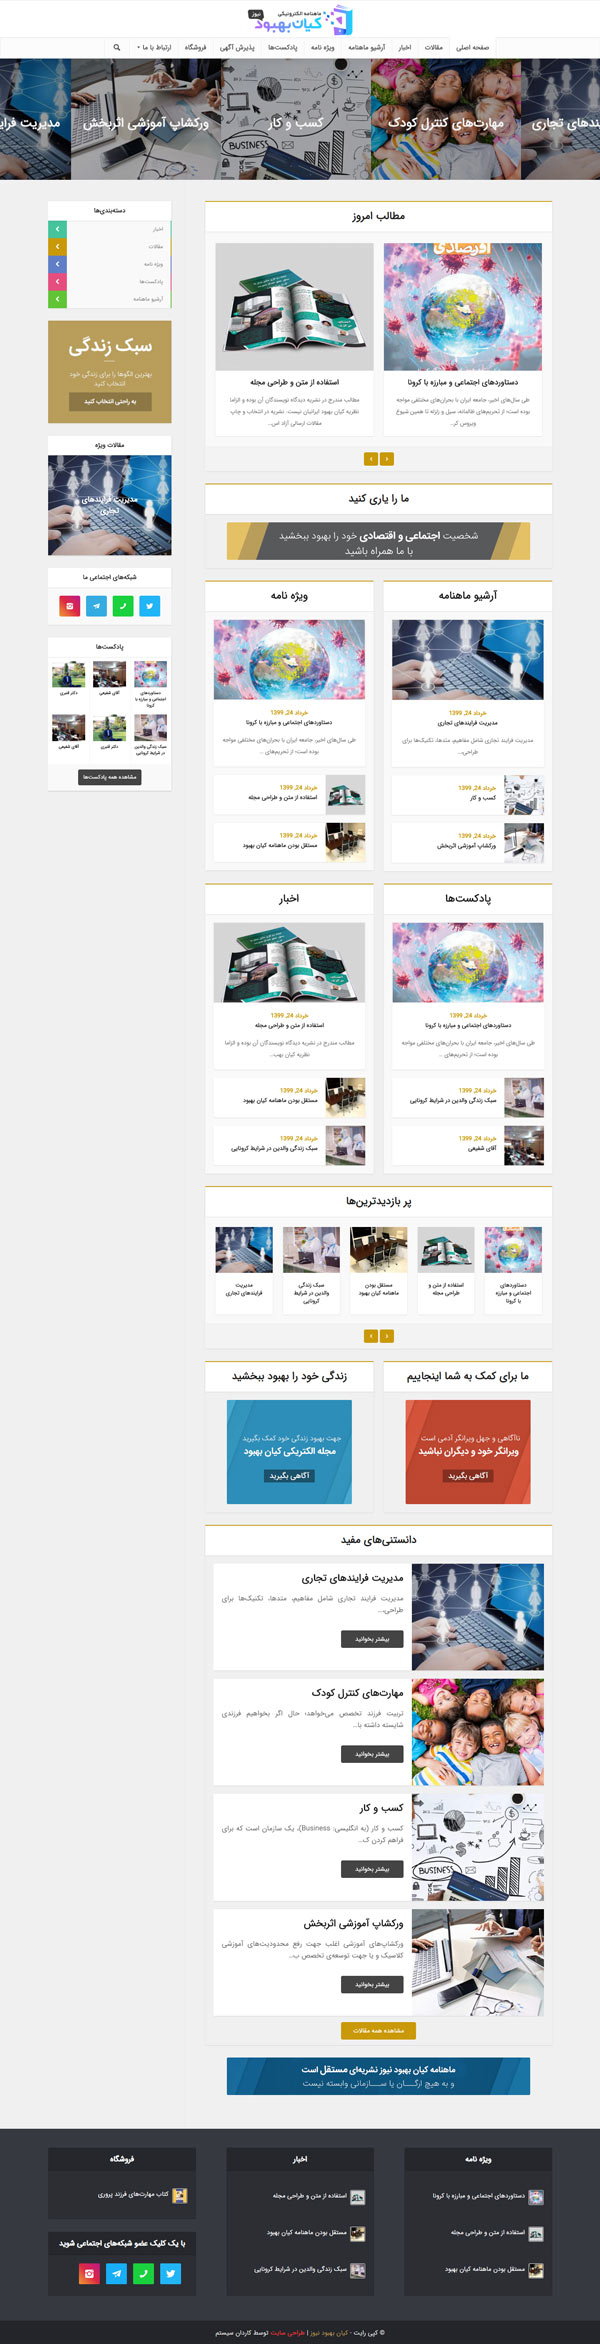 طراحی سایت ماهنامه کیان بهبود نیوز | ماهنامه الکترونیکی روانشناسی